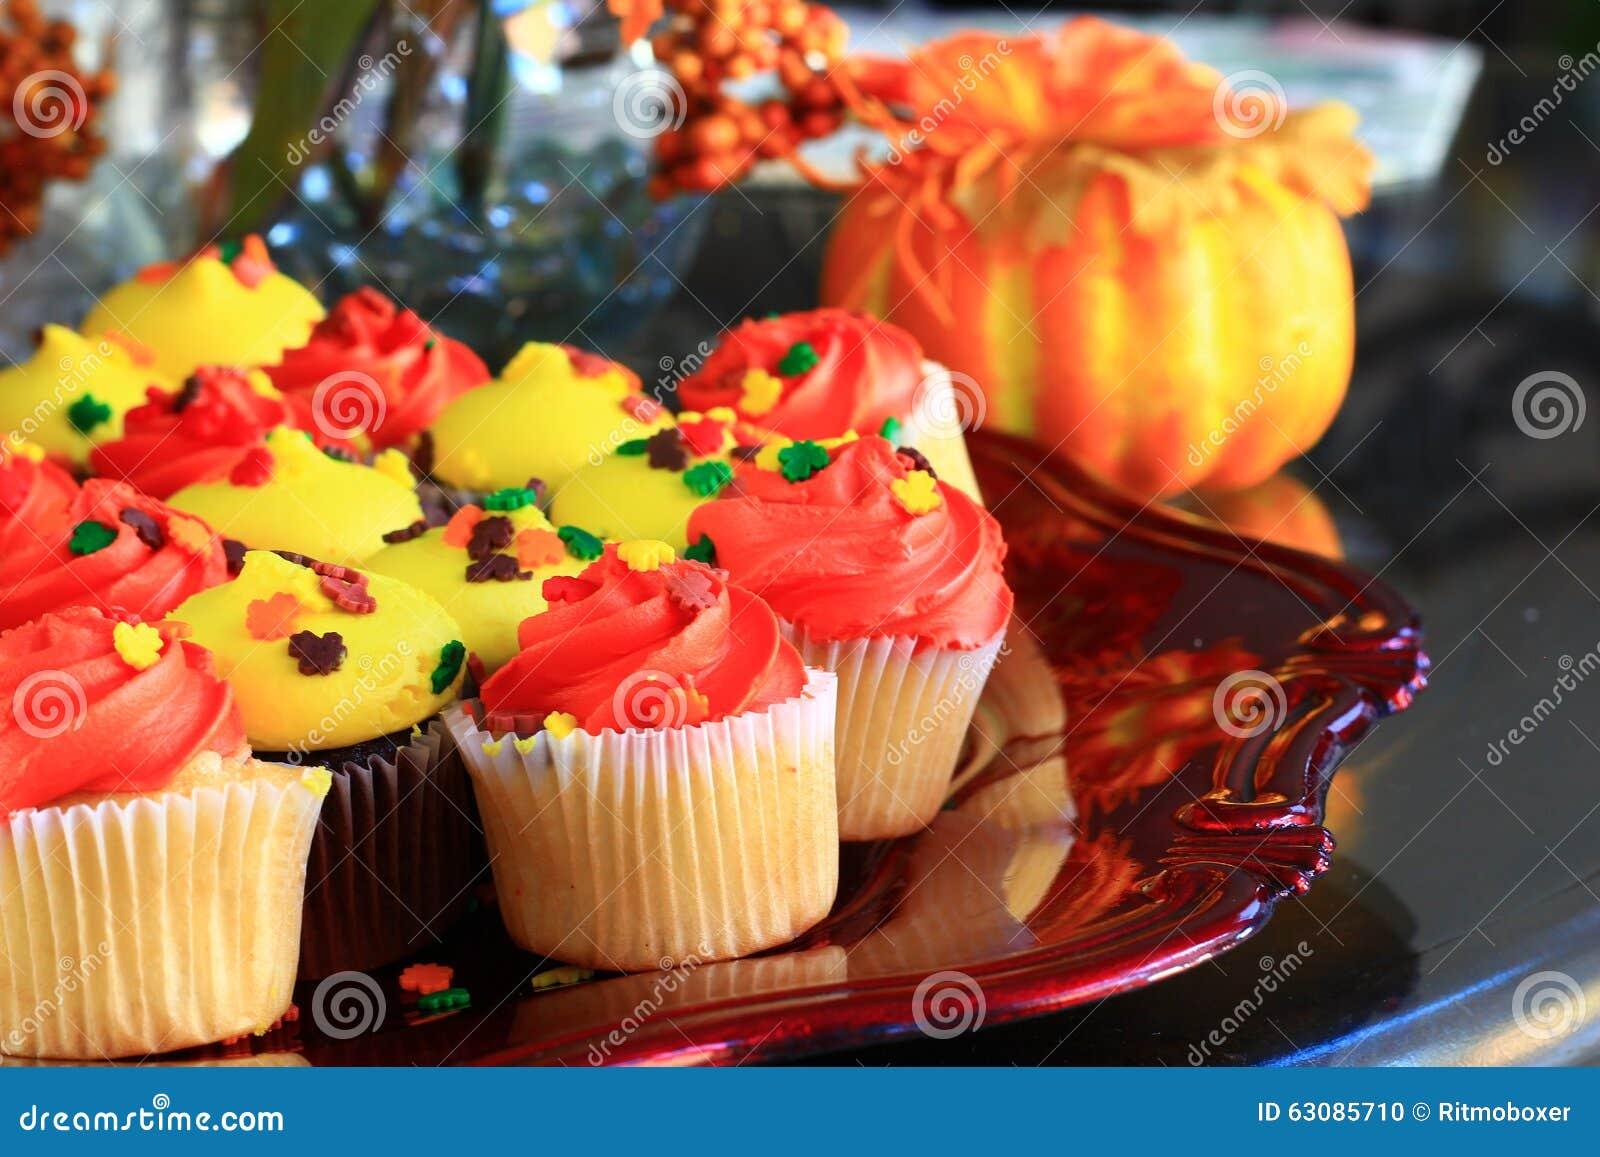 Download Petits Gâteaux Oranges Et Jaunes De Thanksgiving Photo stock - Image du régal, fruit: 63085710